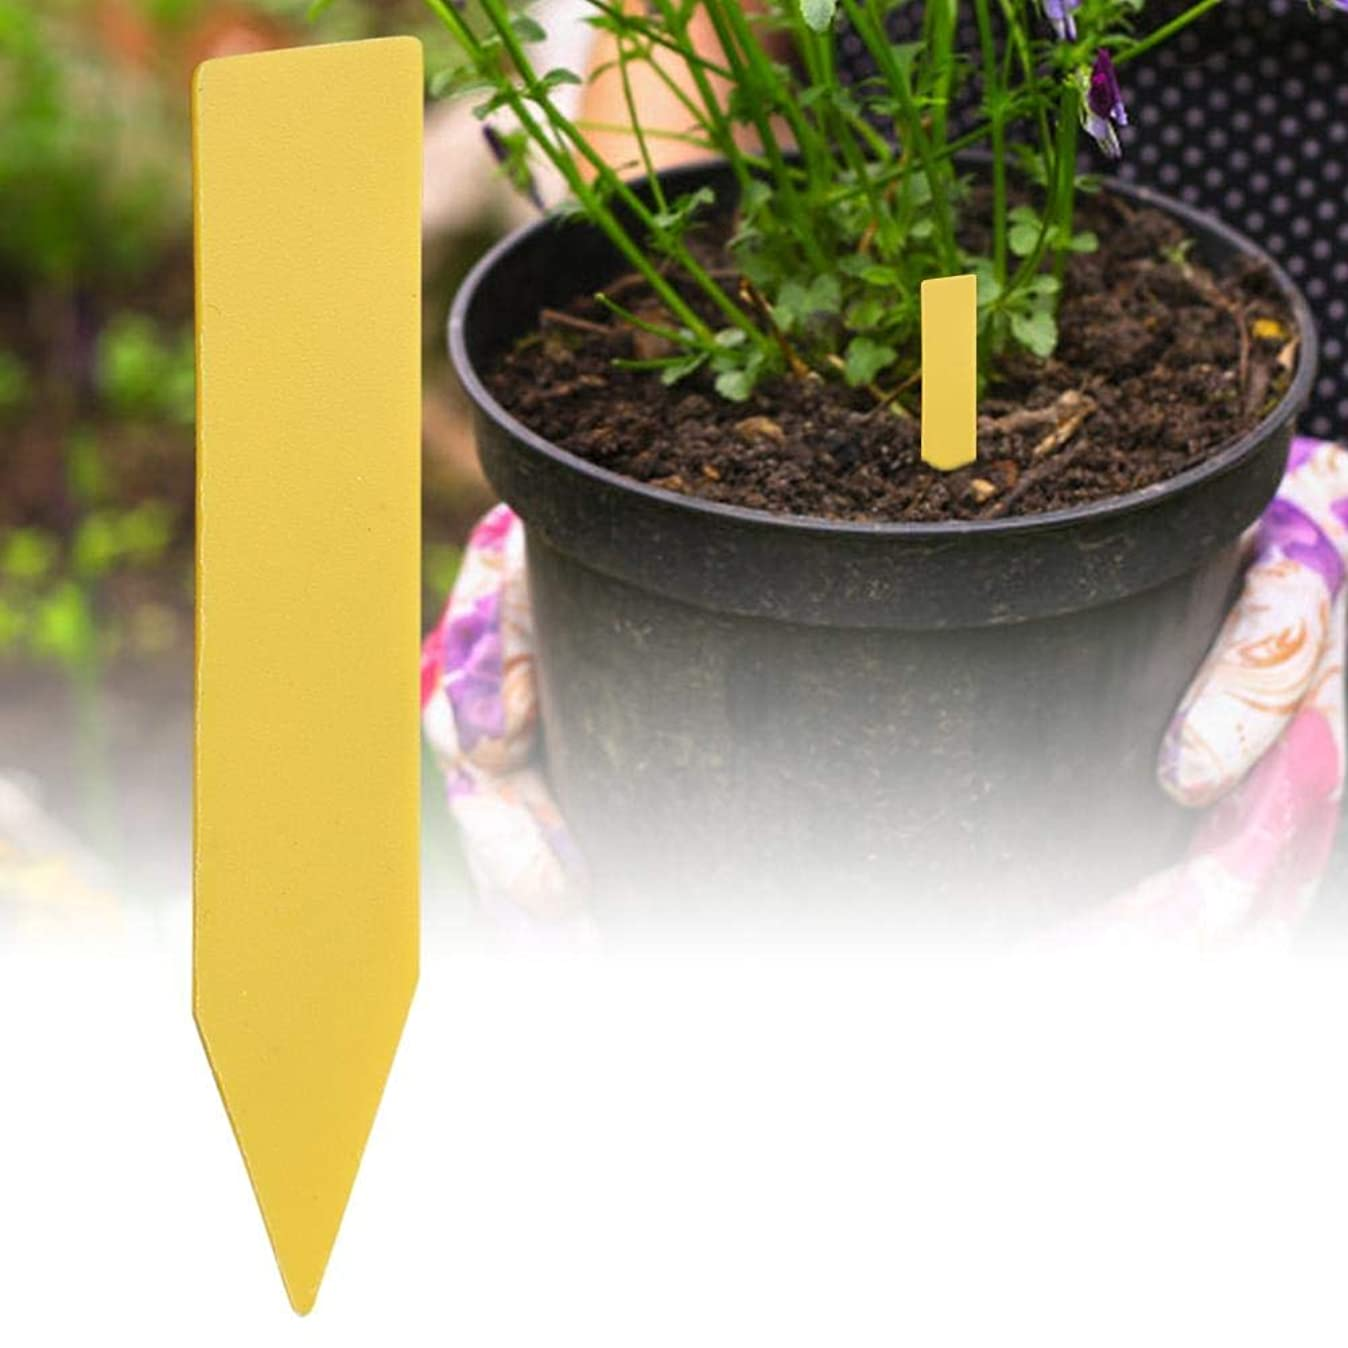 魂なぞらえる独裁者xuuyuu 園芸用ラベル 植物ラベル 植物タグ ガーデニングラベル 盆栽タグ フラワーラベル ガーデン作業 植物識別 ガーデニング 植物 温室園芸 庭?農地?果樹園に適用 繰り返し使える 花?苗など植物の管理 植物 防水(イエロー)